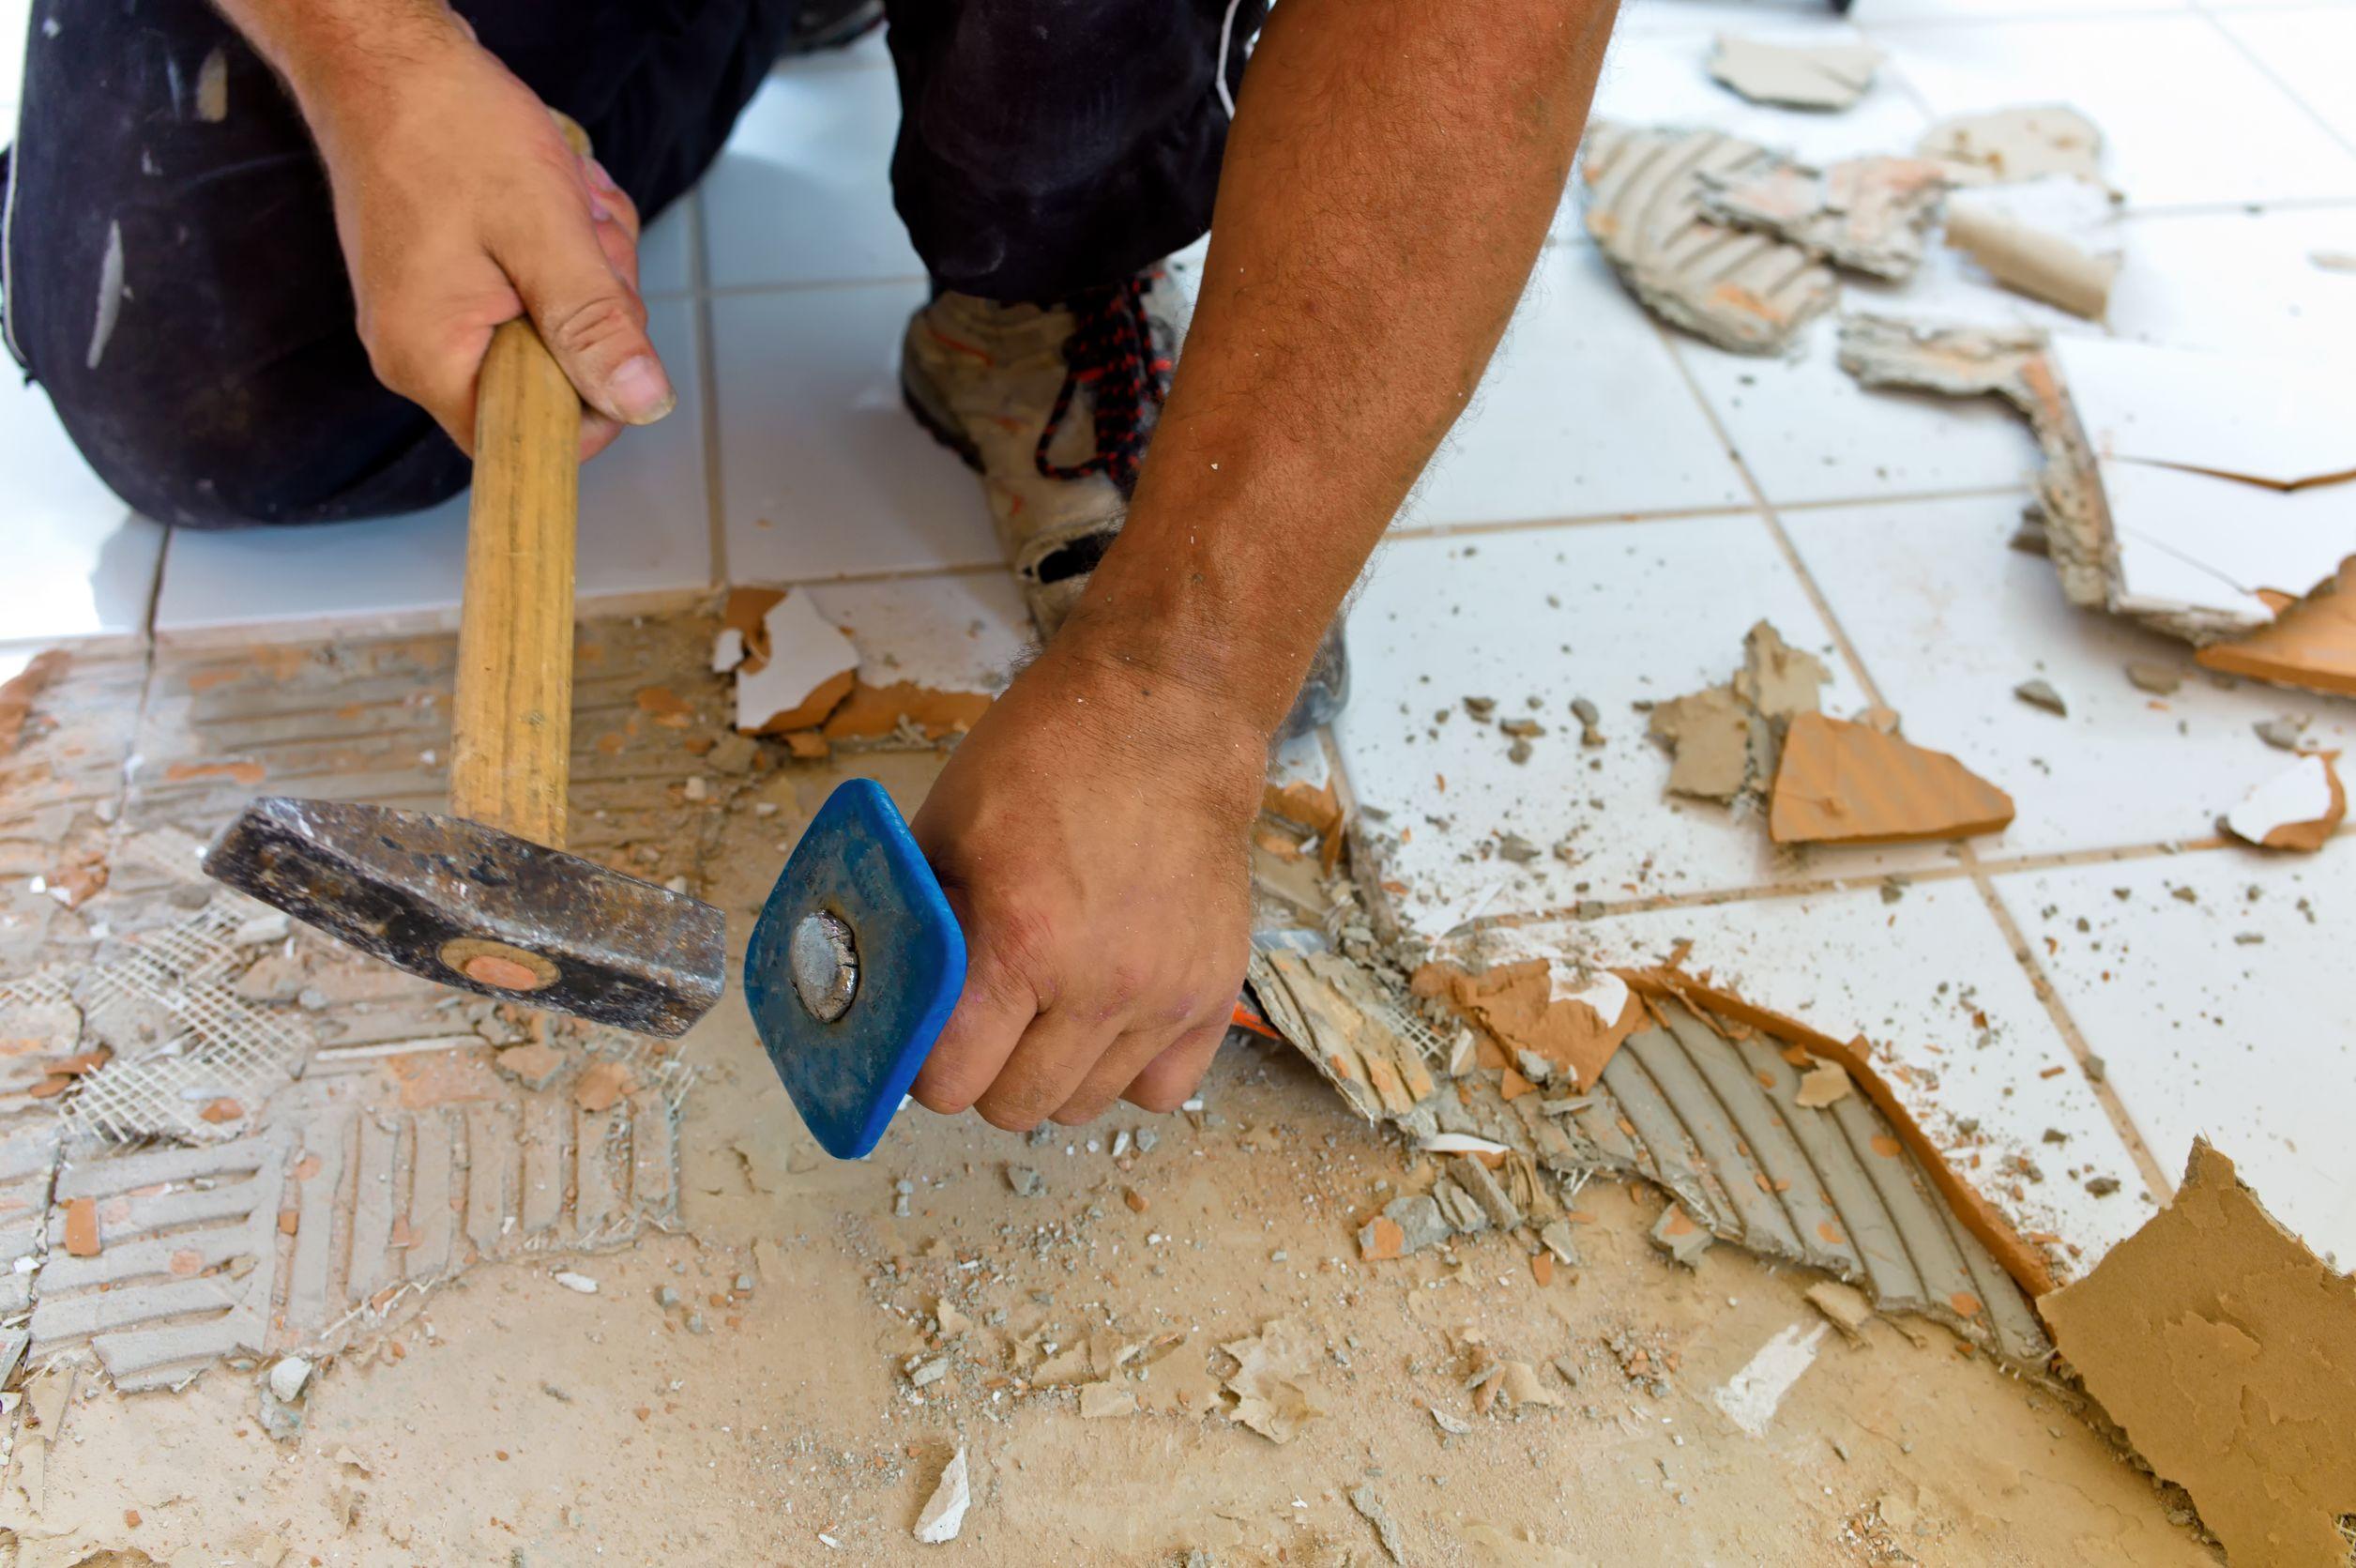 Reformas en el piso y cómo evitar conflictos en la comunidad